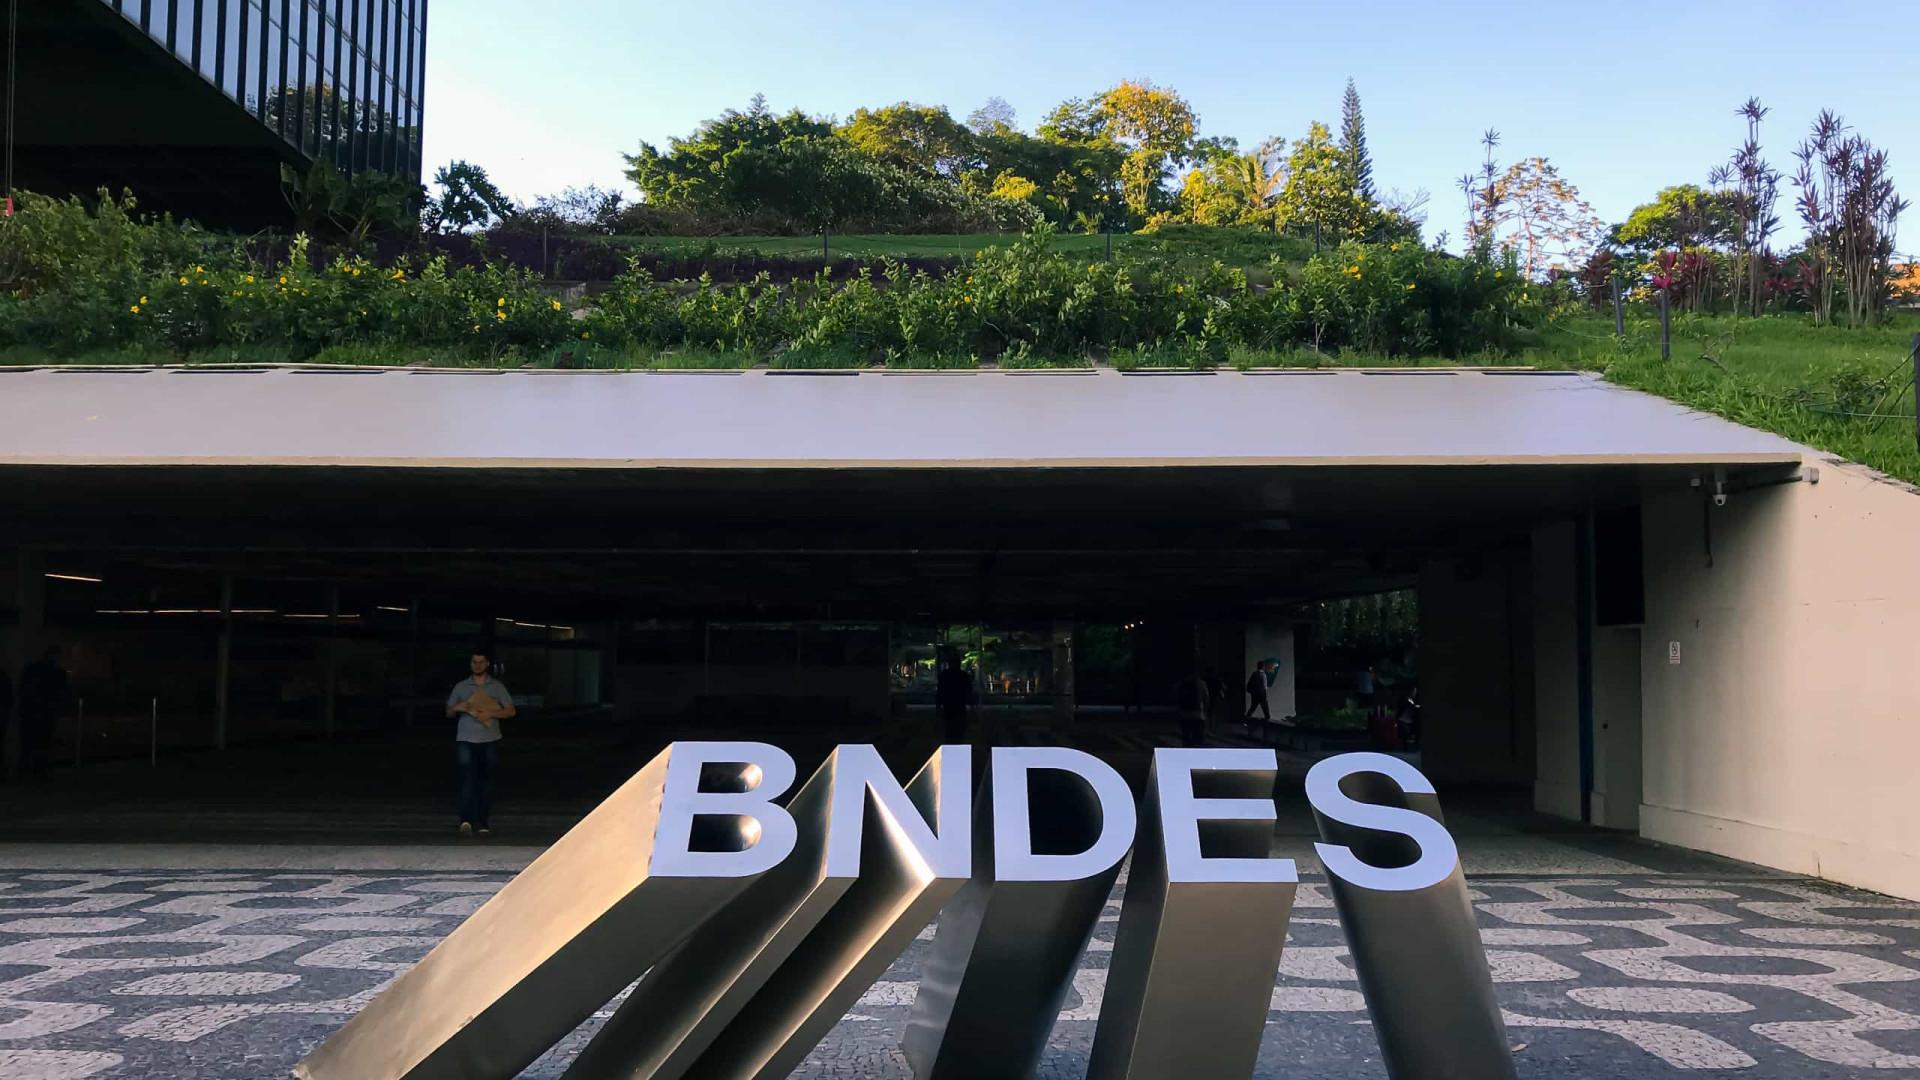 Crise em Manaus faz BNDES reabrir programa de doações